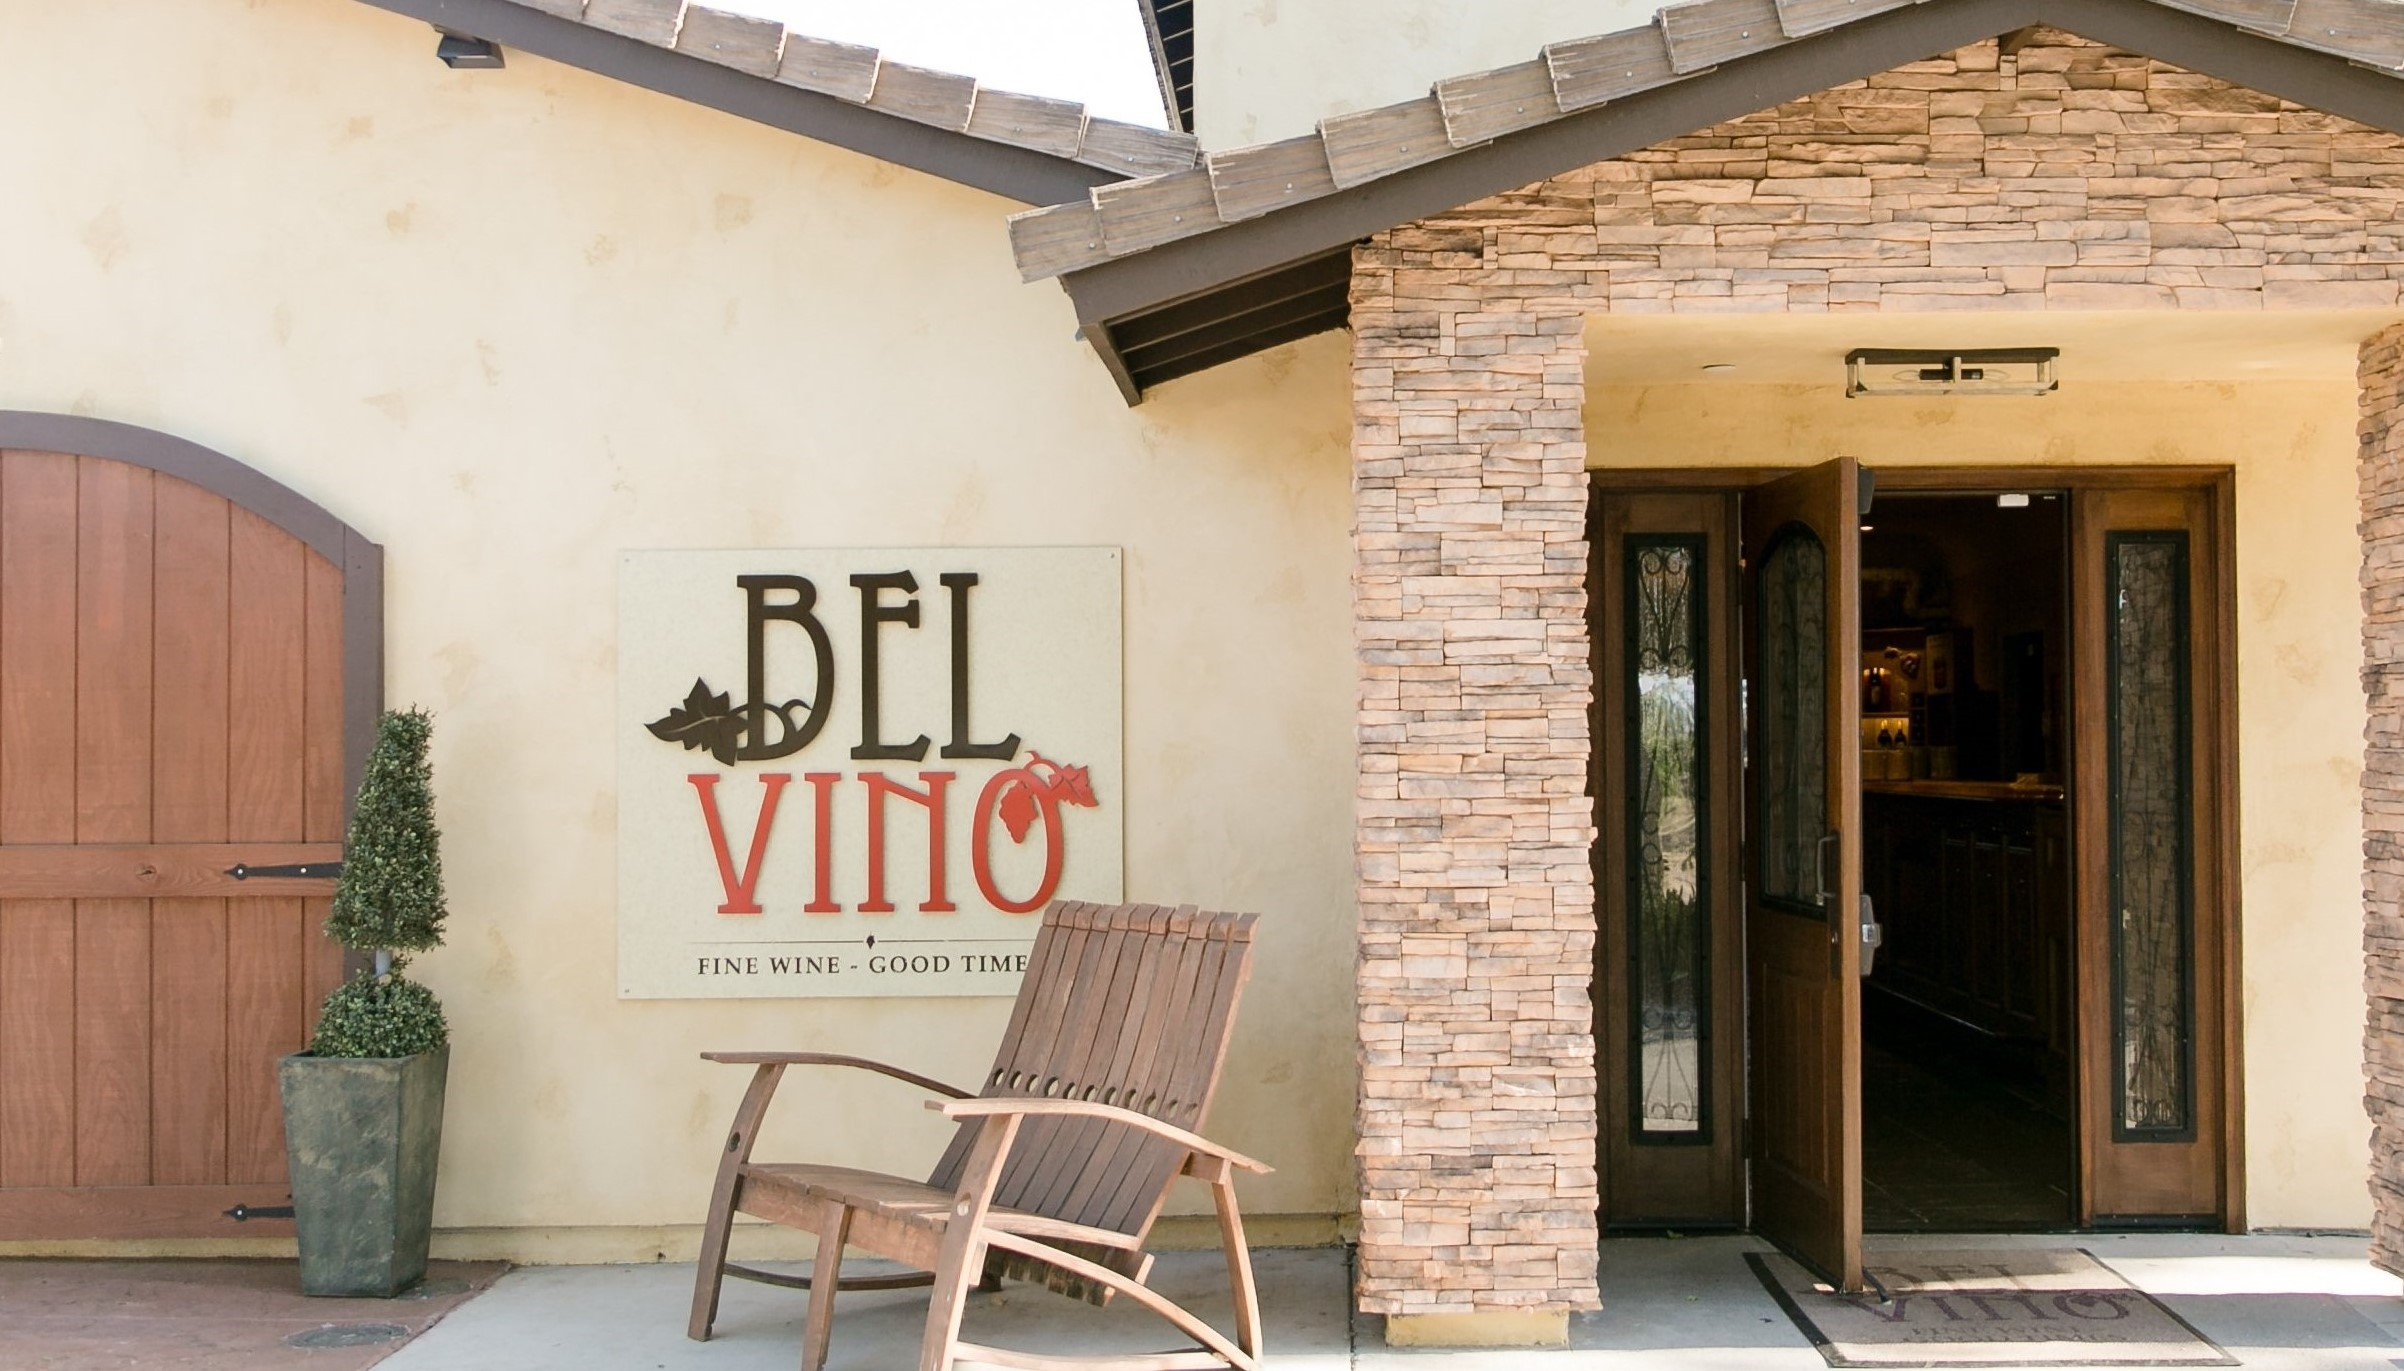 Bel-Vino-front1